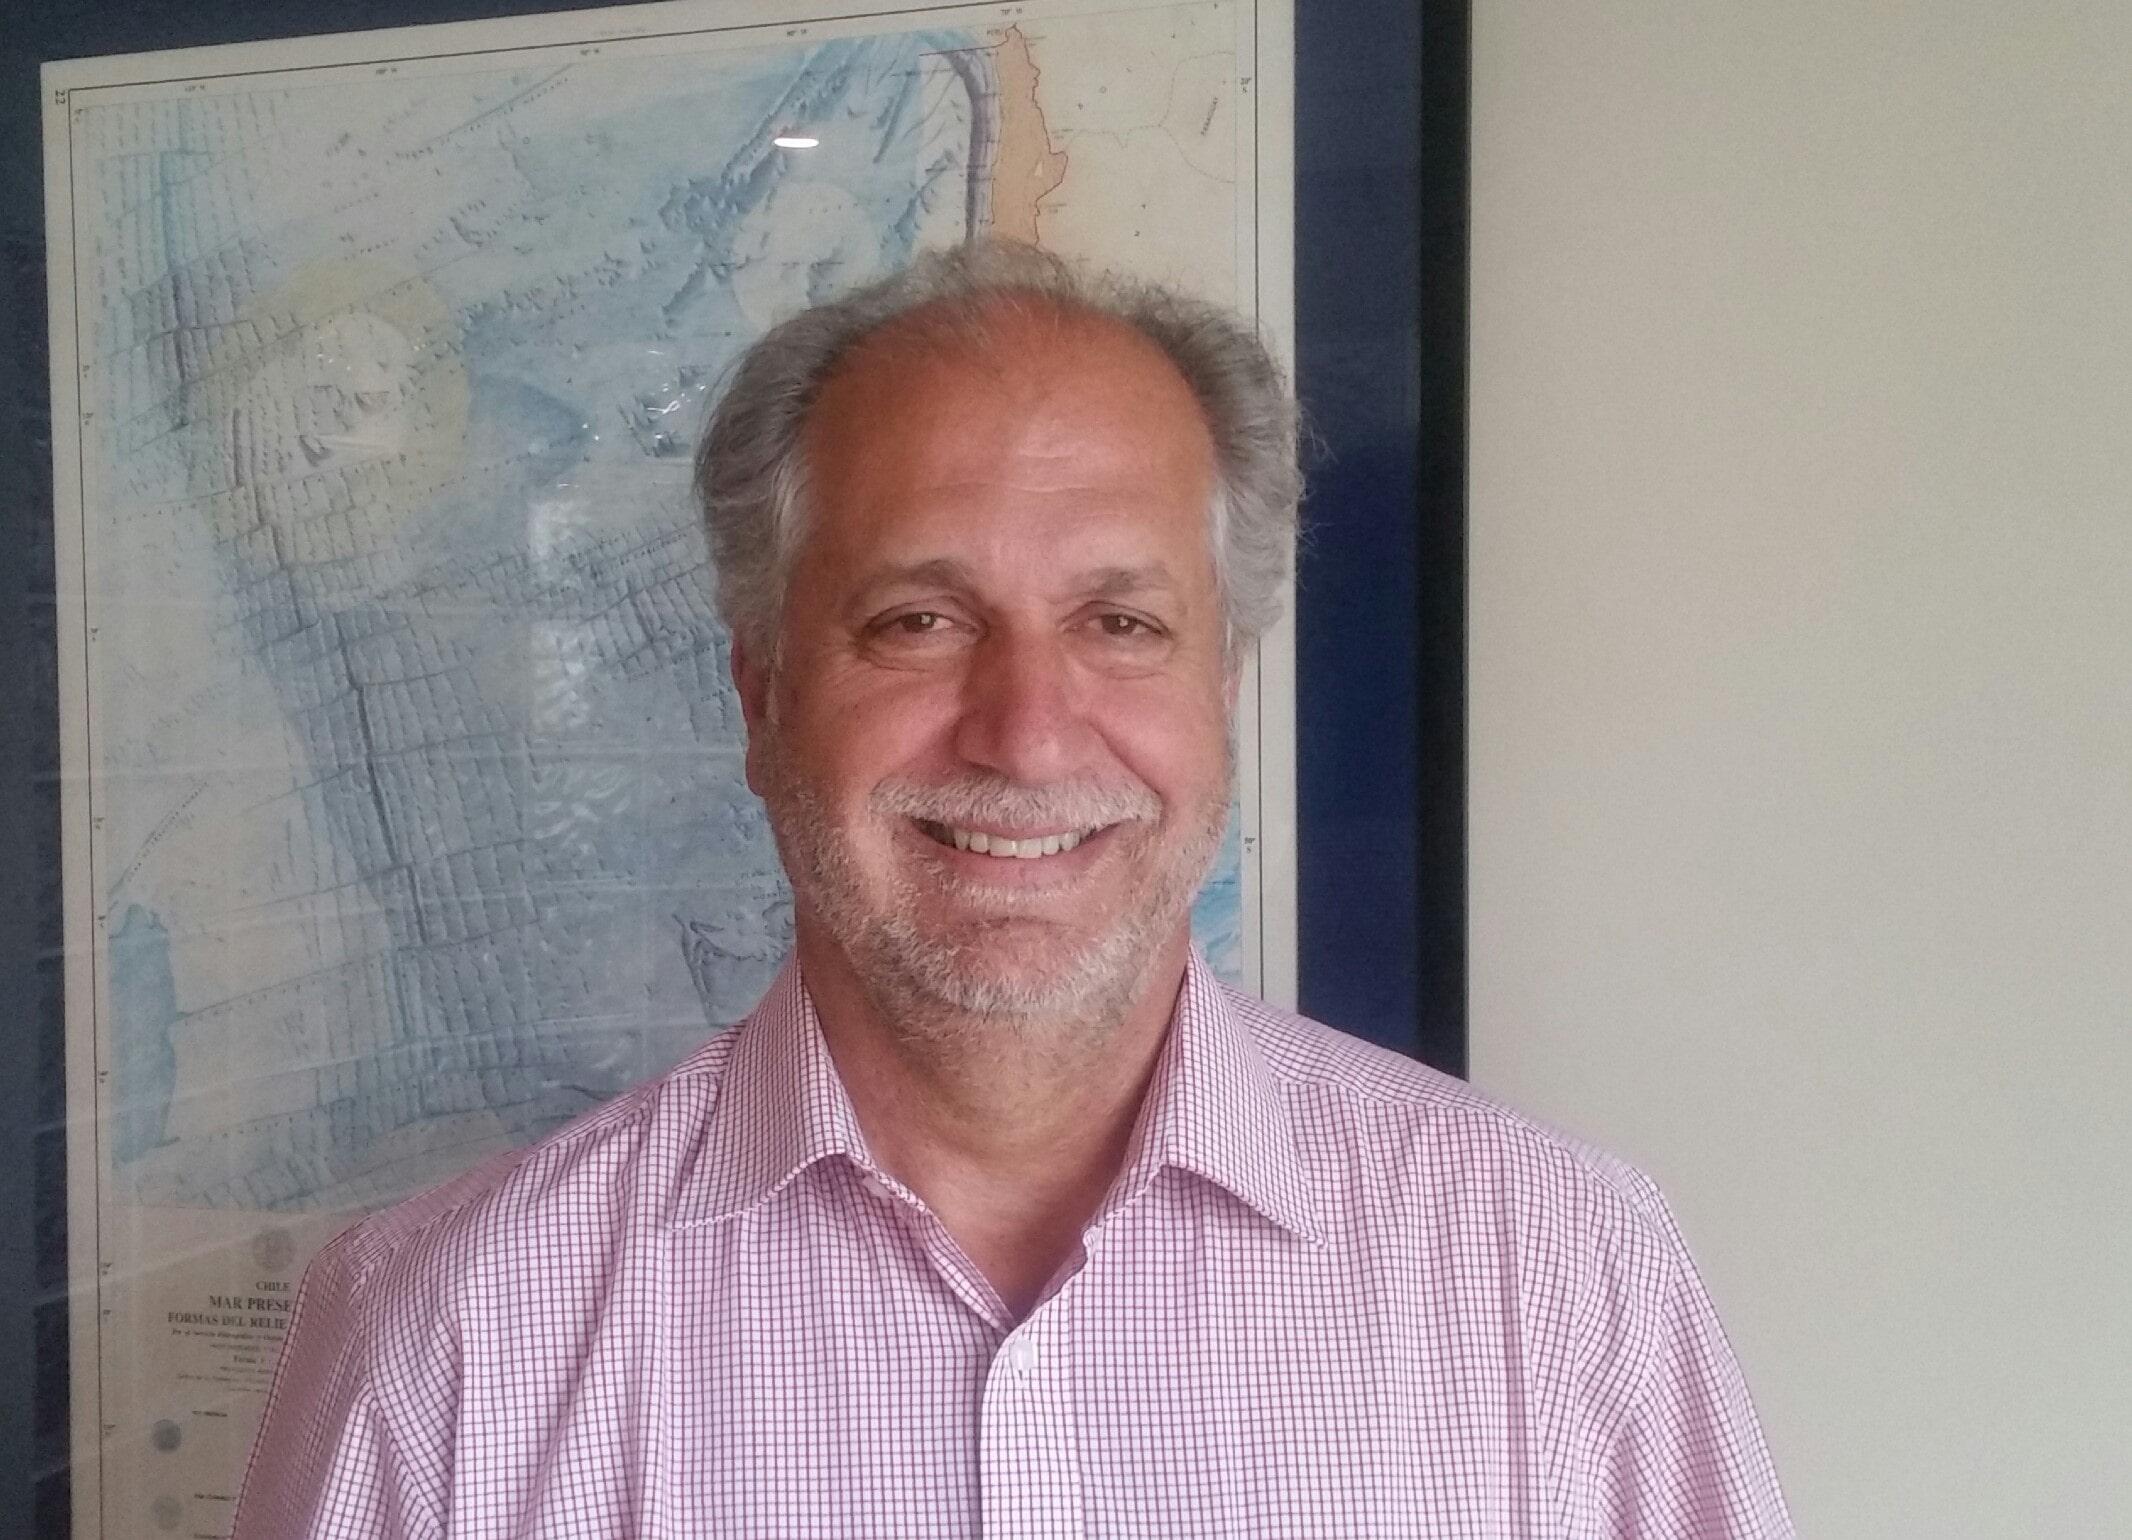 Gerardo Marti Casadeval